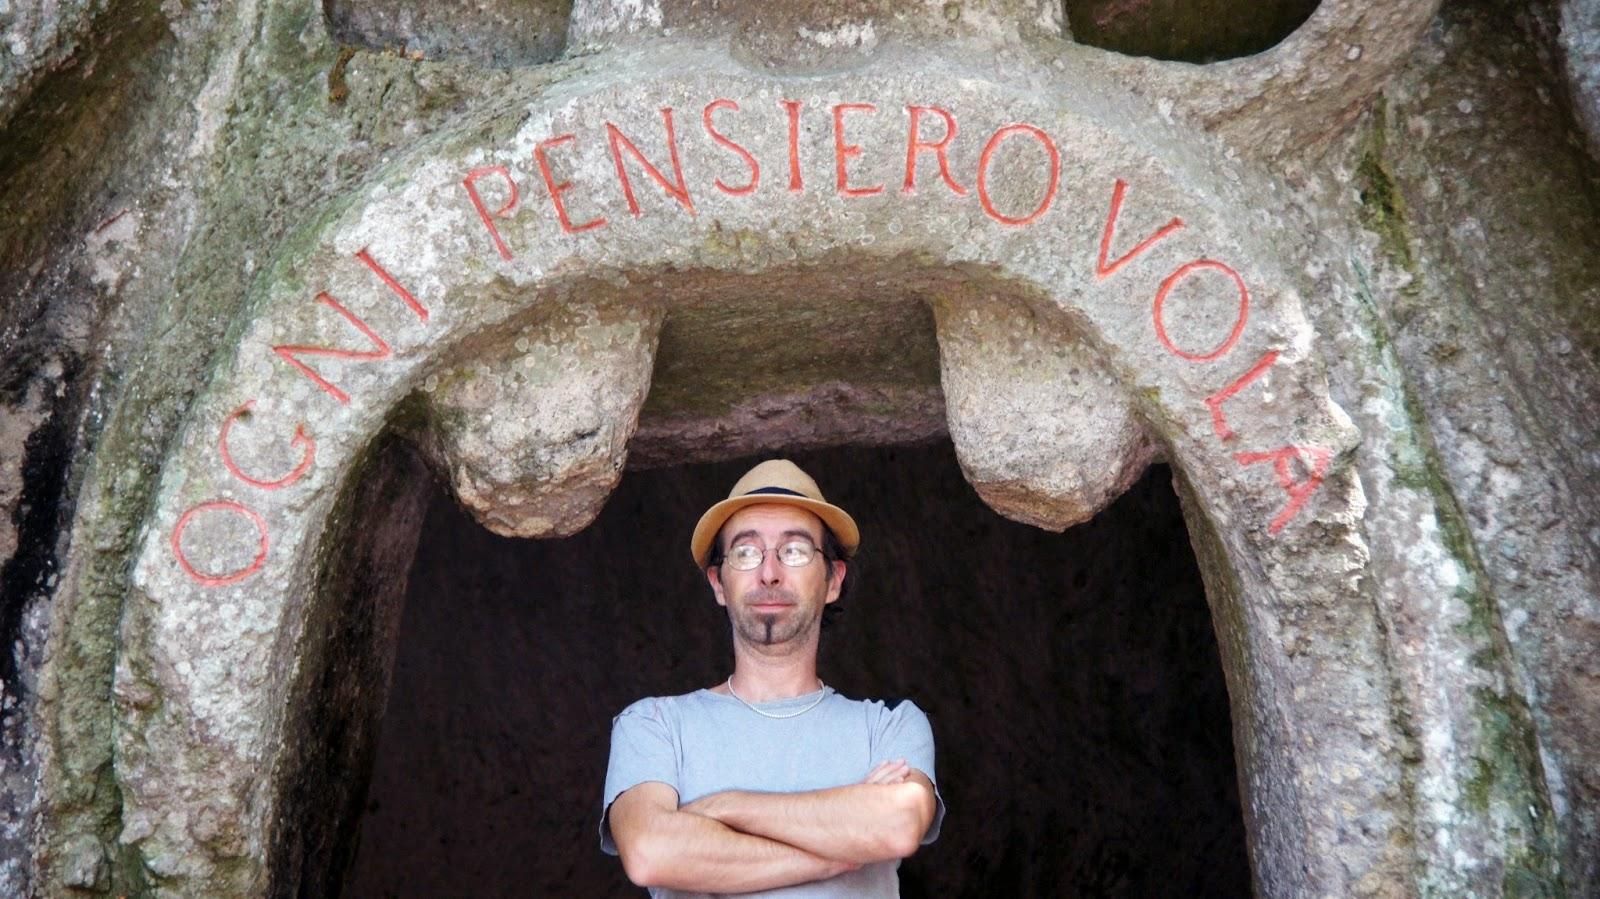 Sandro Pravisani sotto la scritta Ogni Pensiero Vola nel parco dei mostri a Bomarzo (VT)